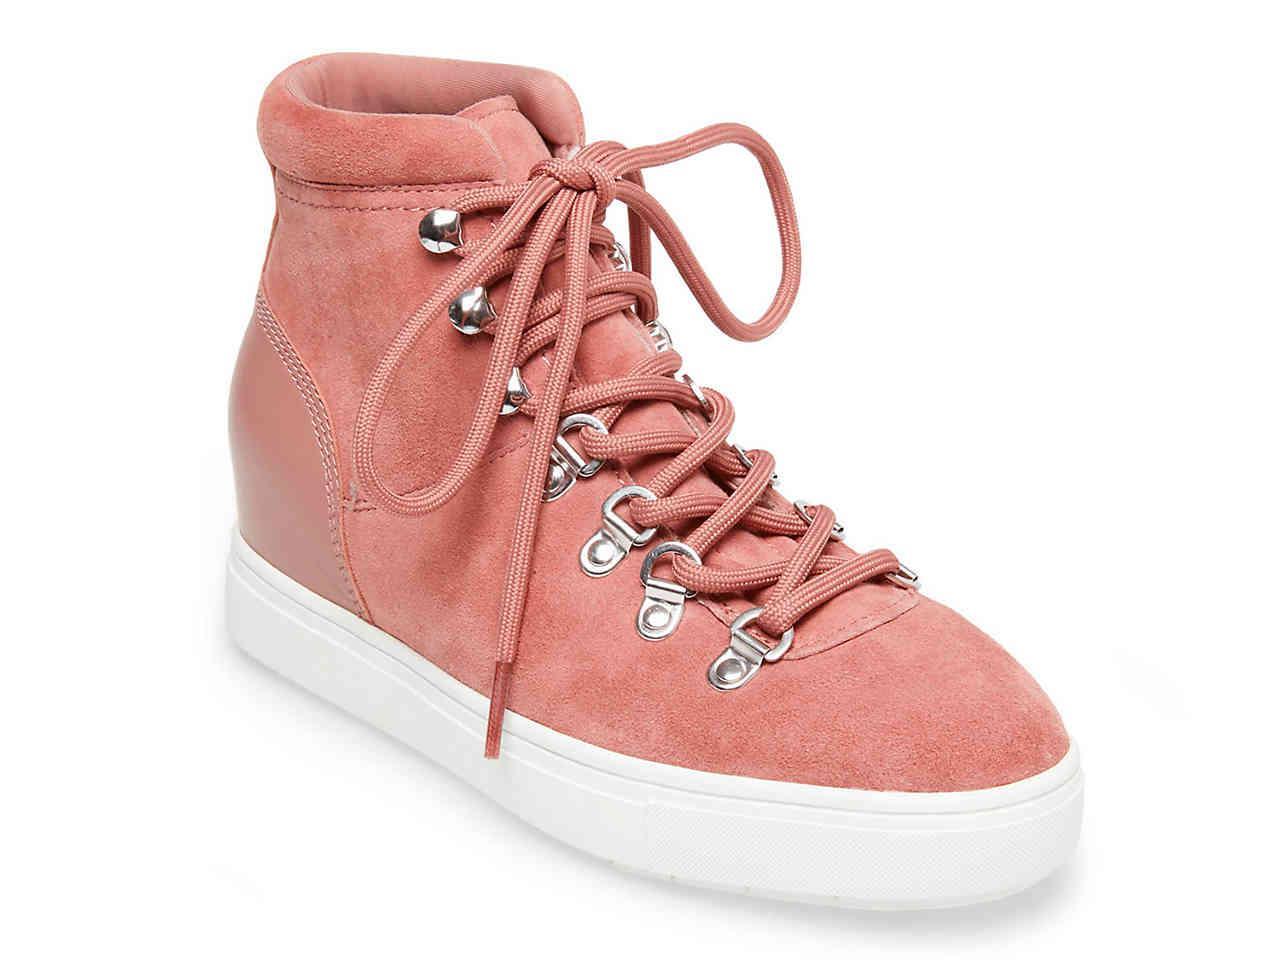 d07221e3d1a Lyst - Steven by Steve Madden Keap Wedge Sneaker in Pink